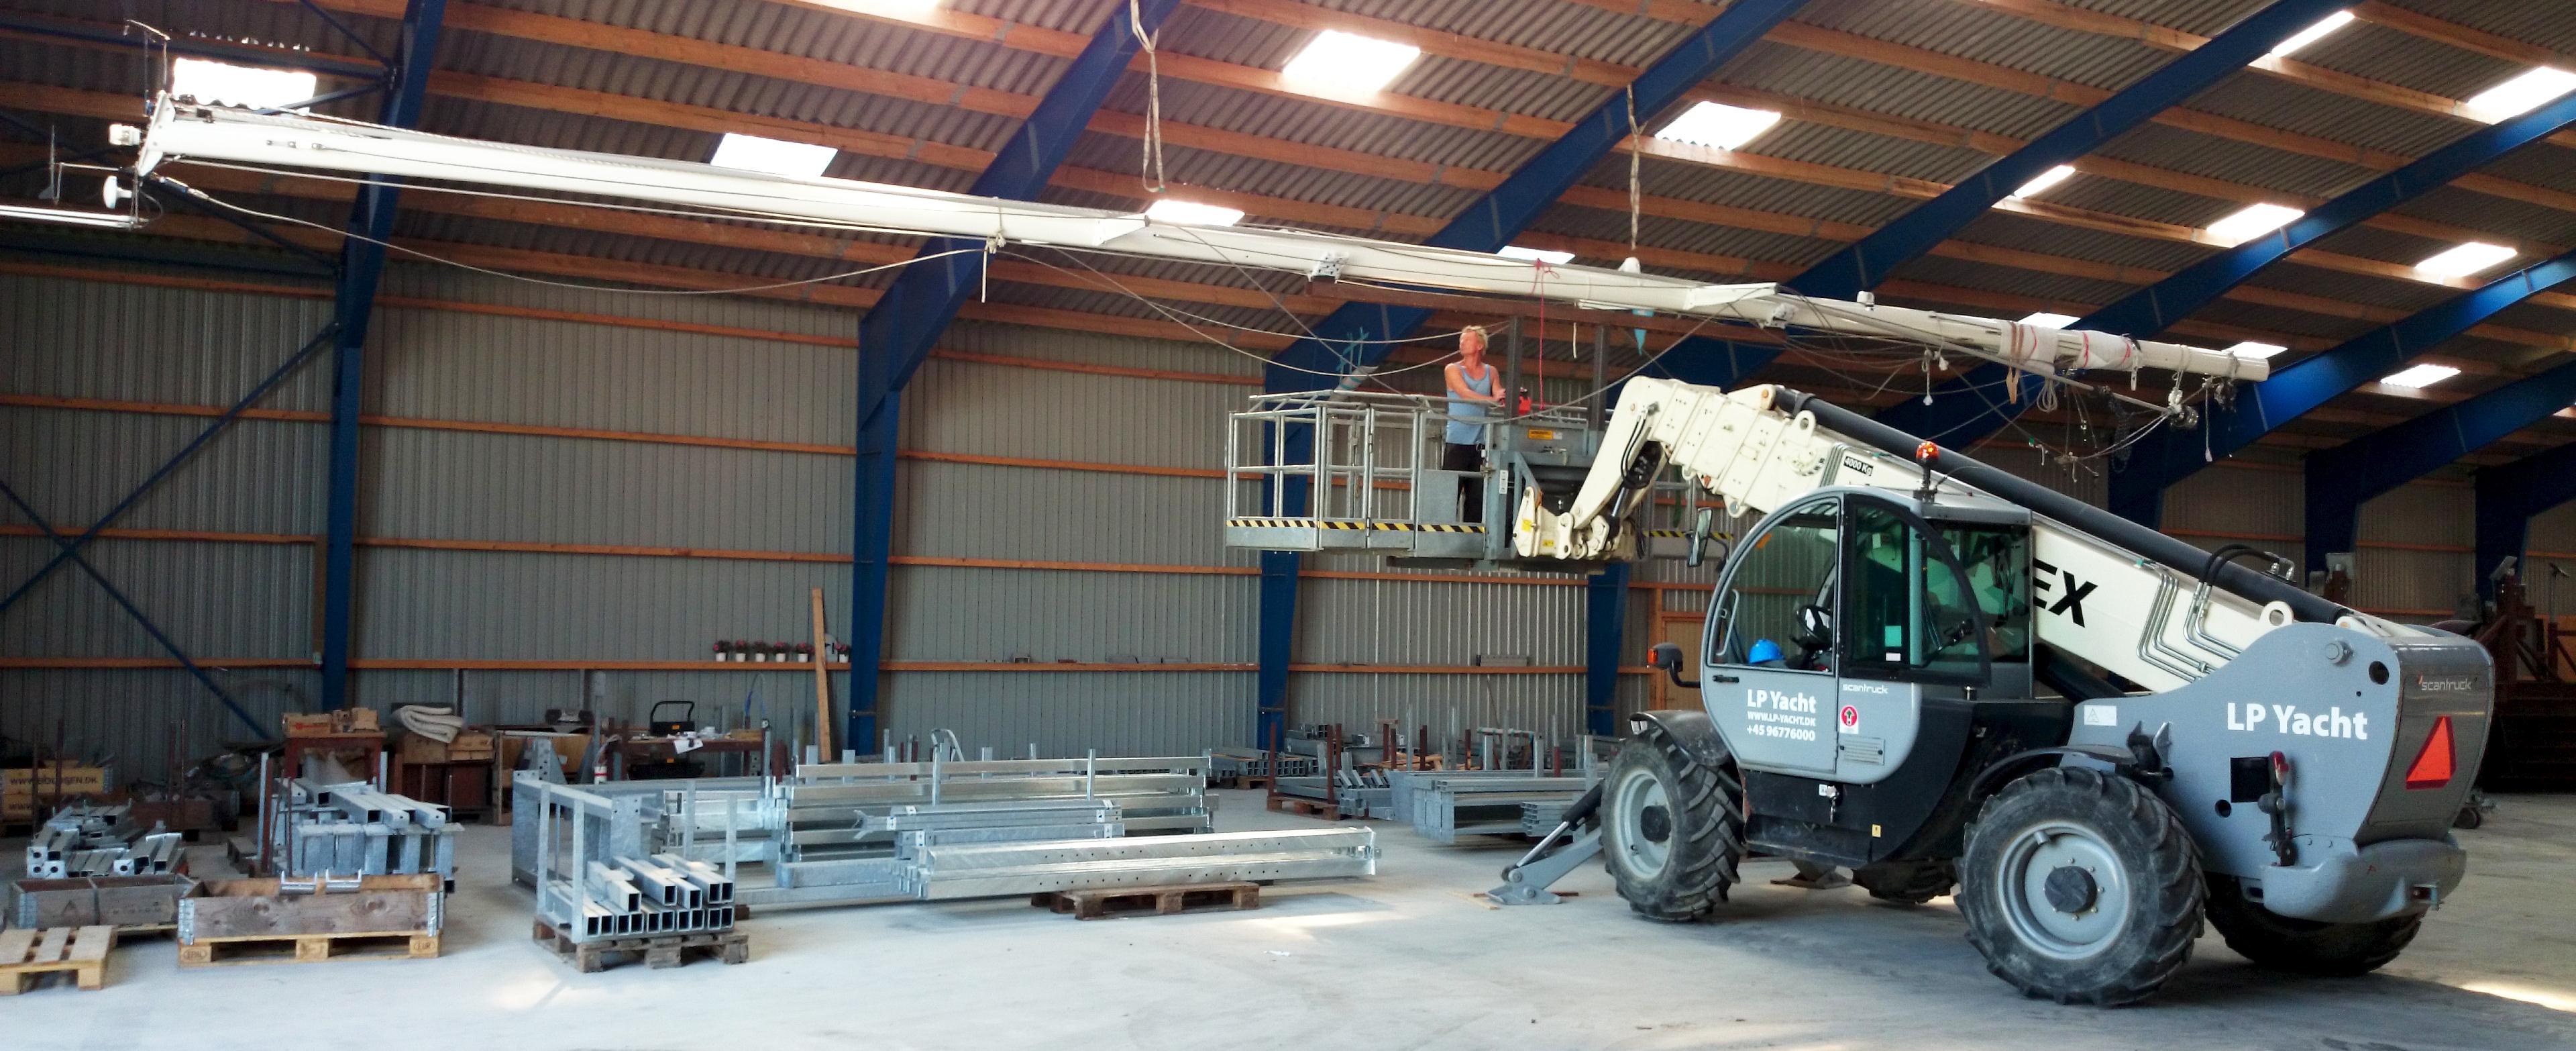 Bådopbevaring og opbevaring af mast indendørs